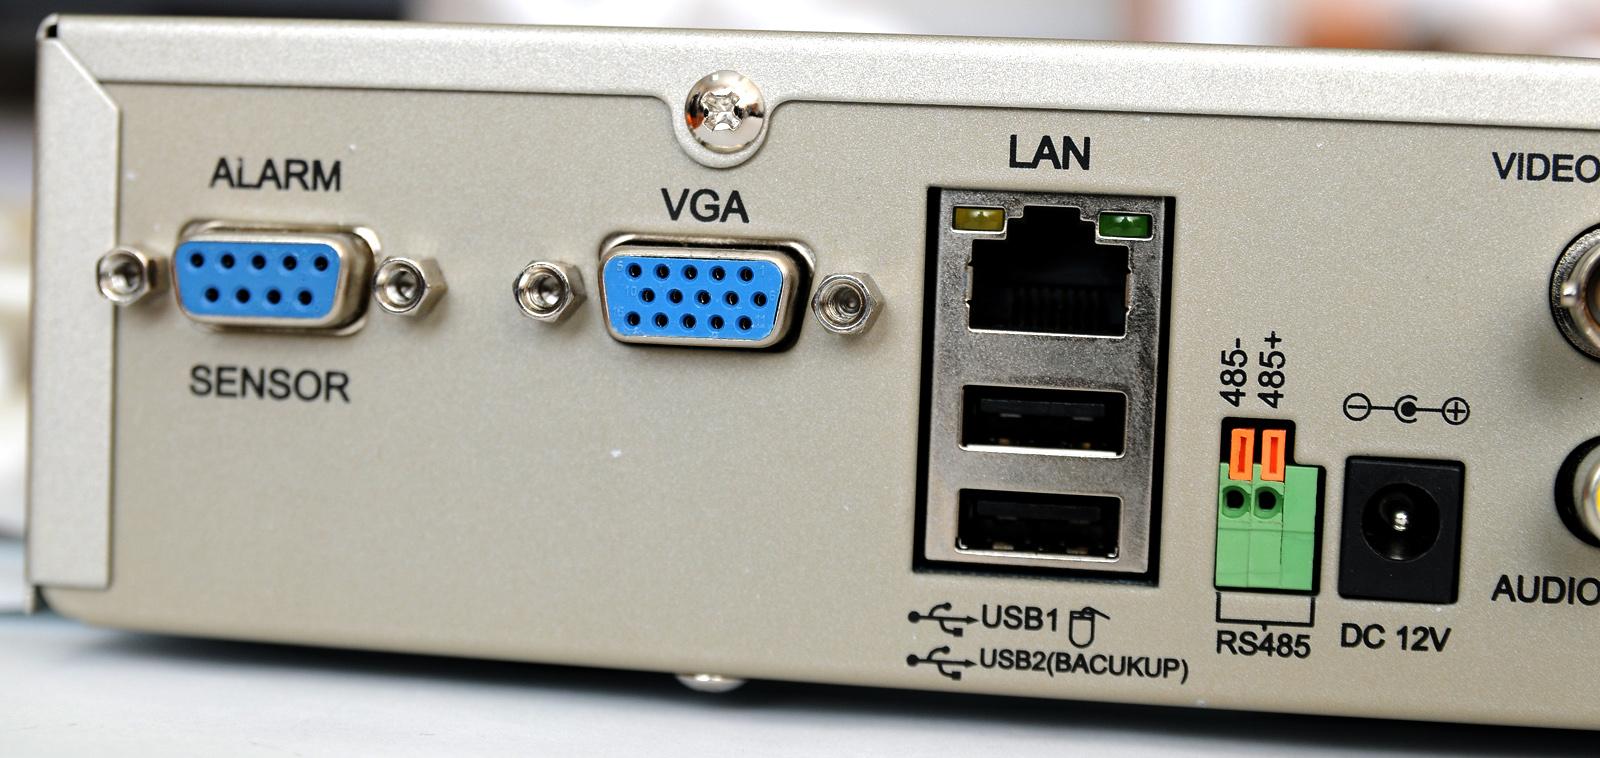 Cpcam видеорегистратор 8 канальный инструкция